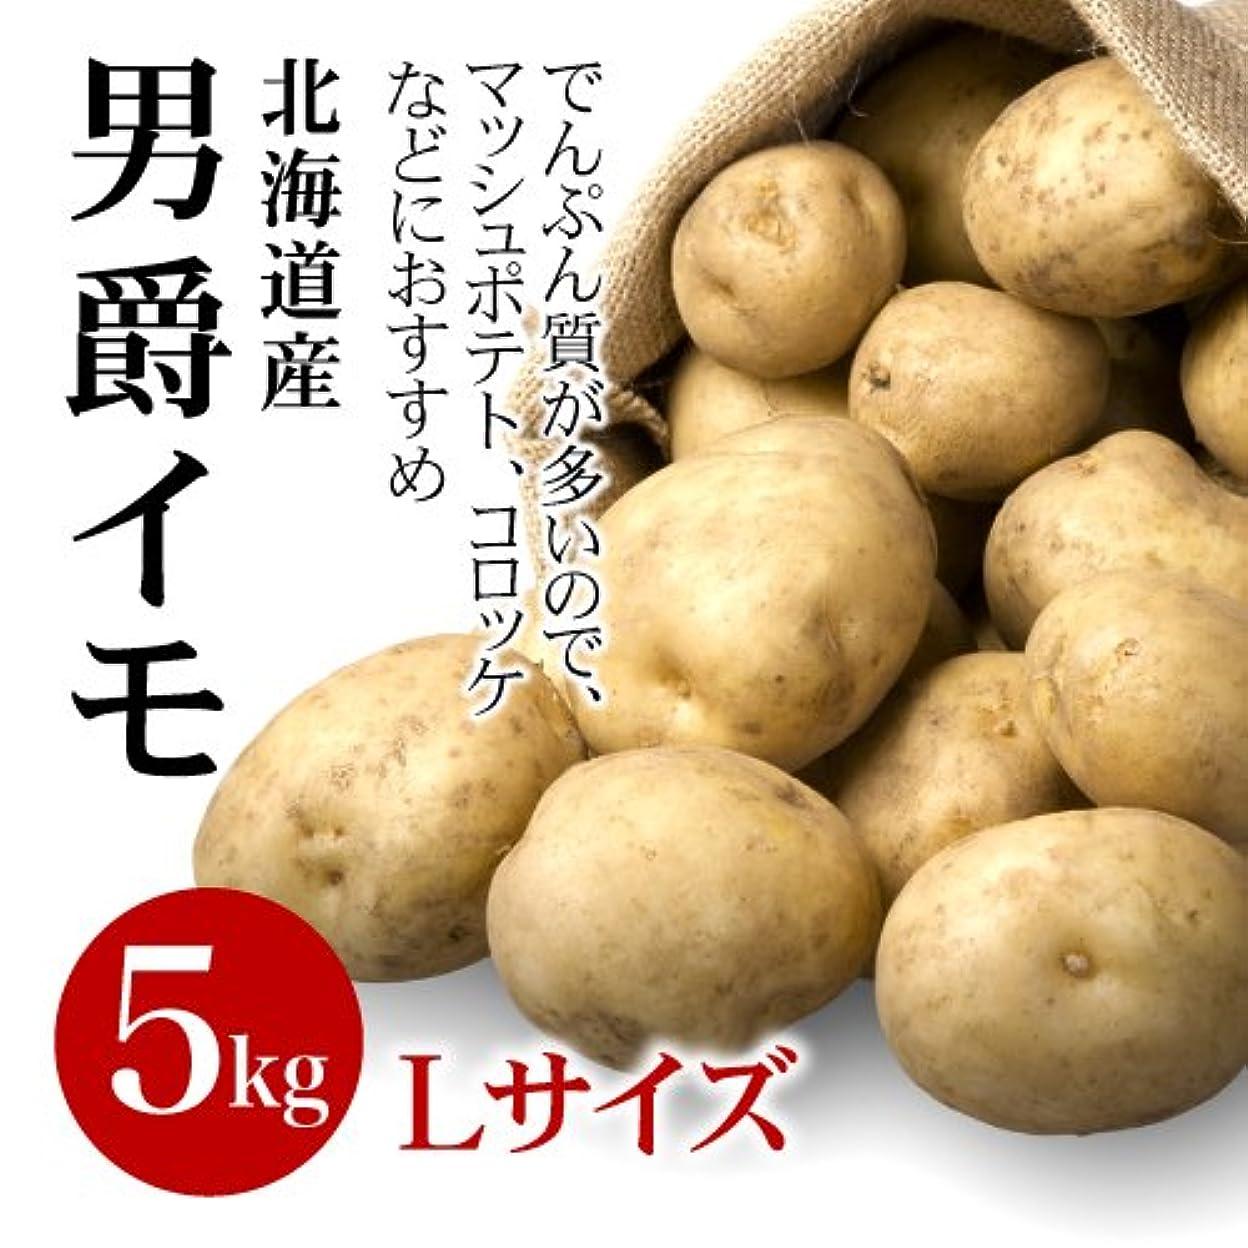 とても怒って郡北海道 ジャガイモ 【北あかり】 Mサイズ10kg じゃがいも